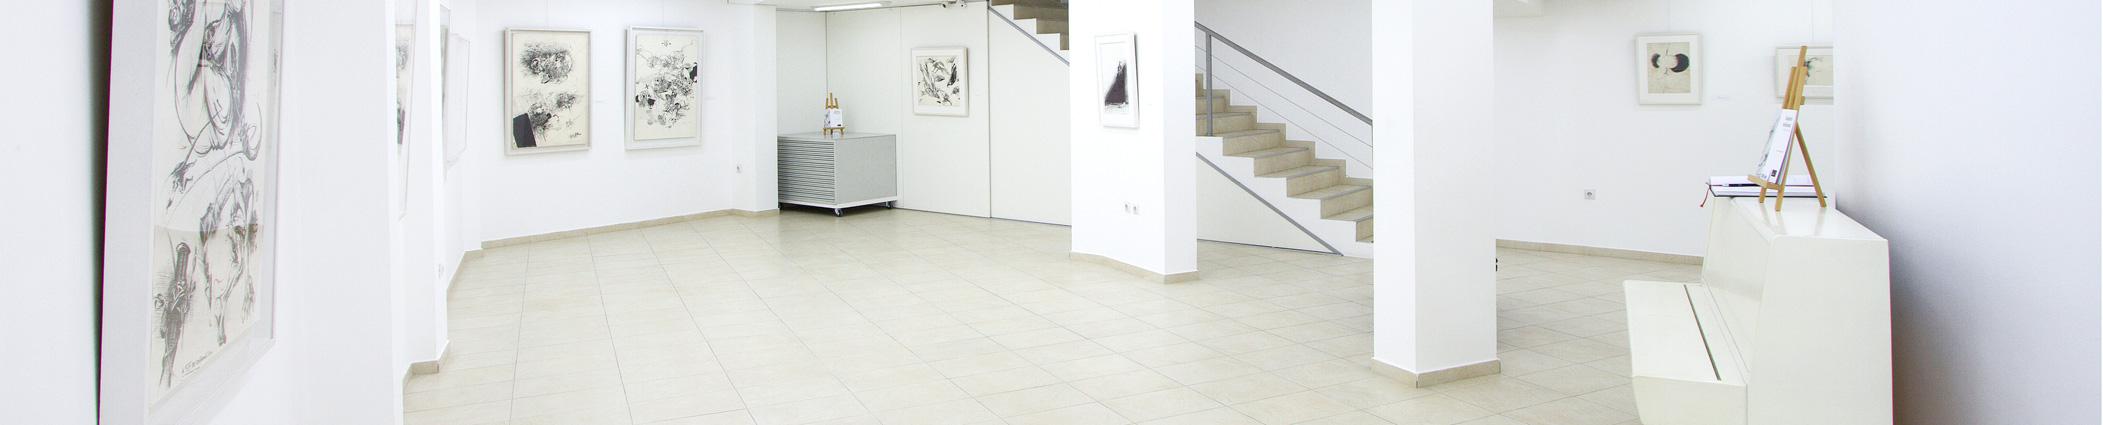 Galerija Sued-31